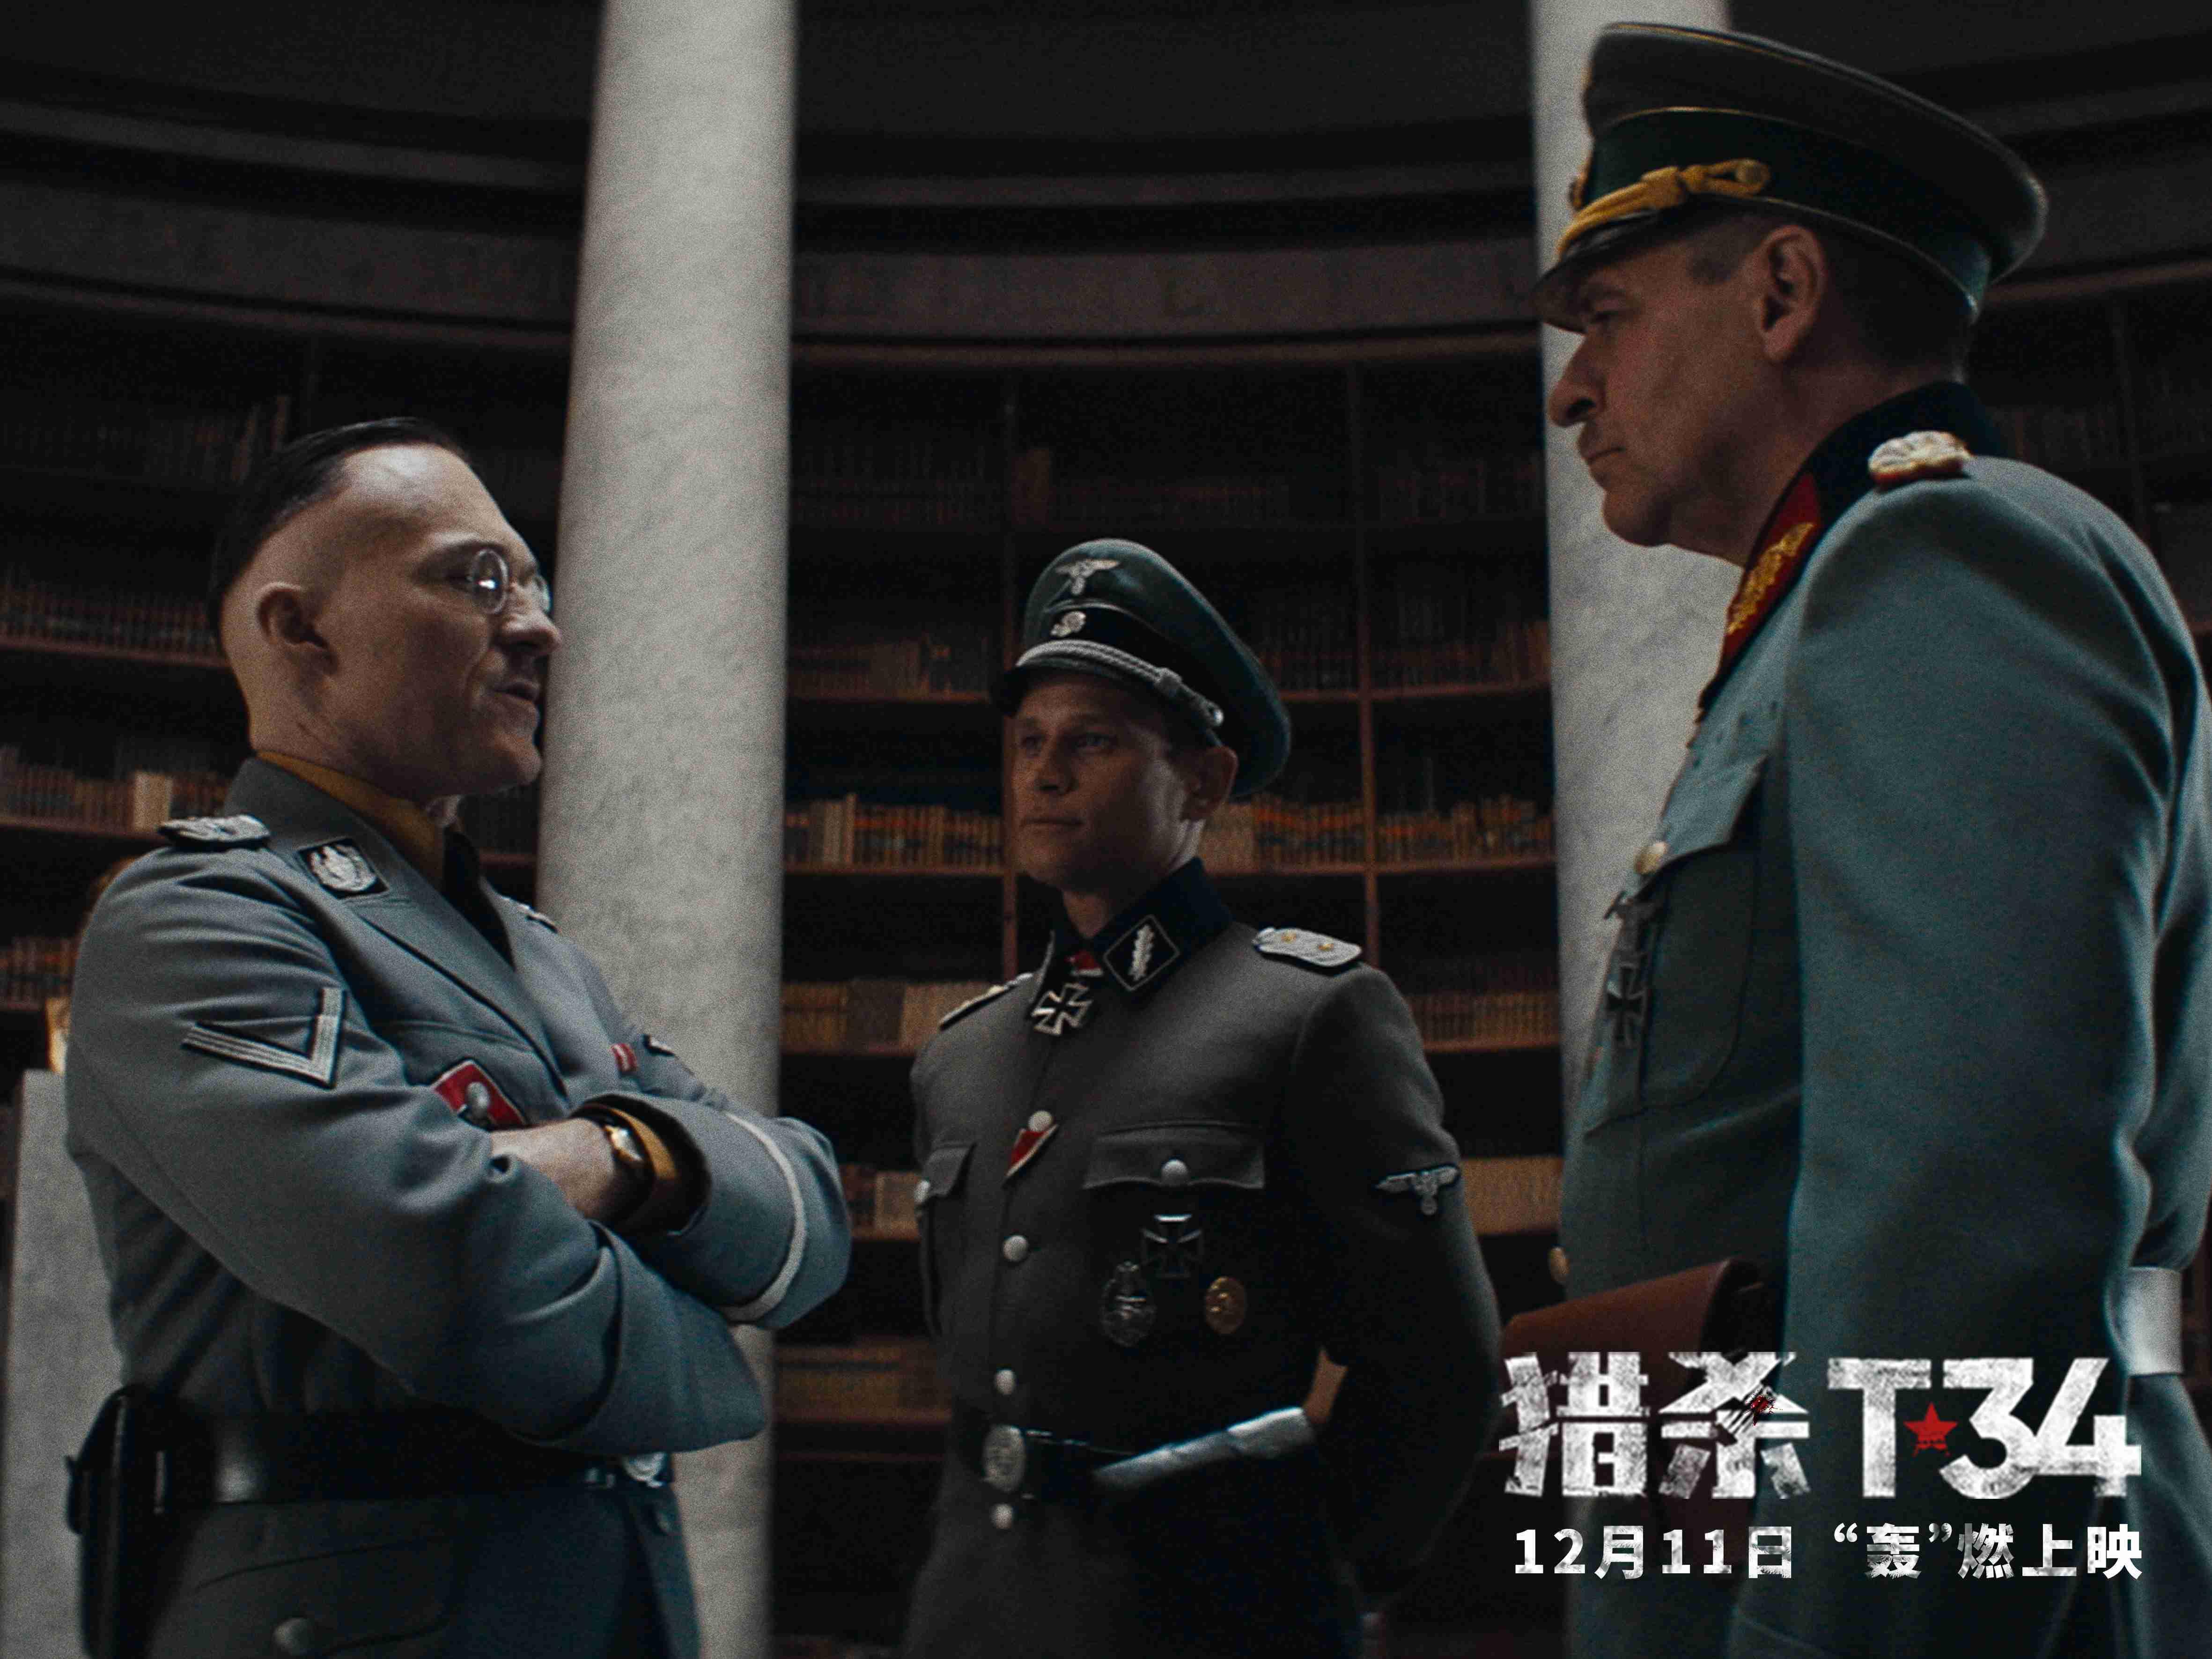 硬核战争电影《猎杀T34》:二战真实事件改编